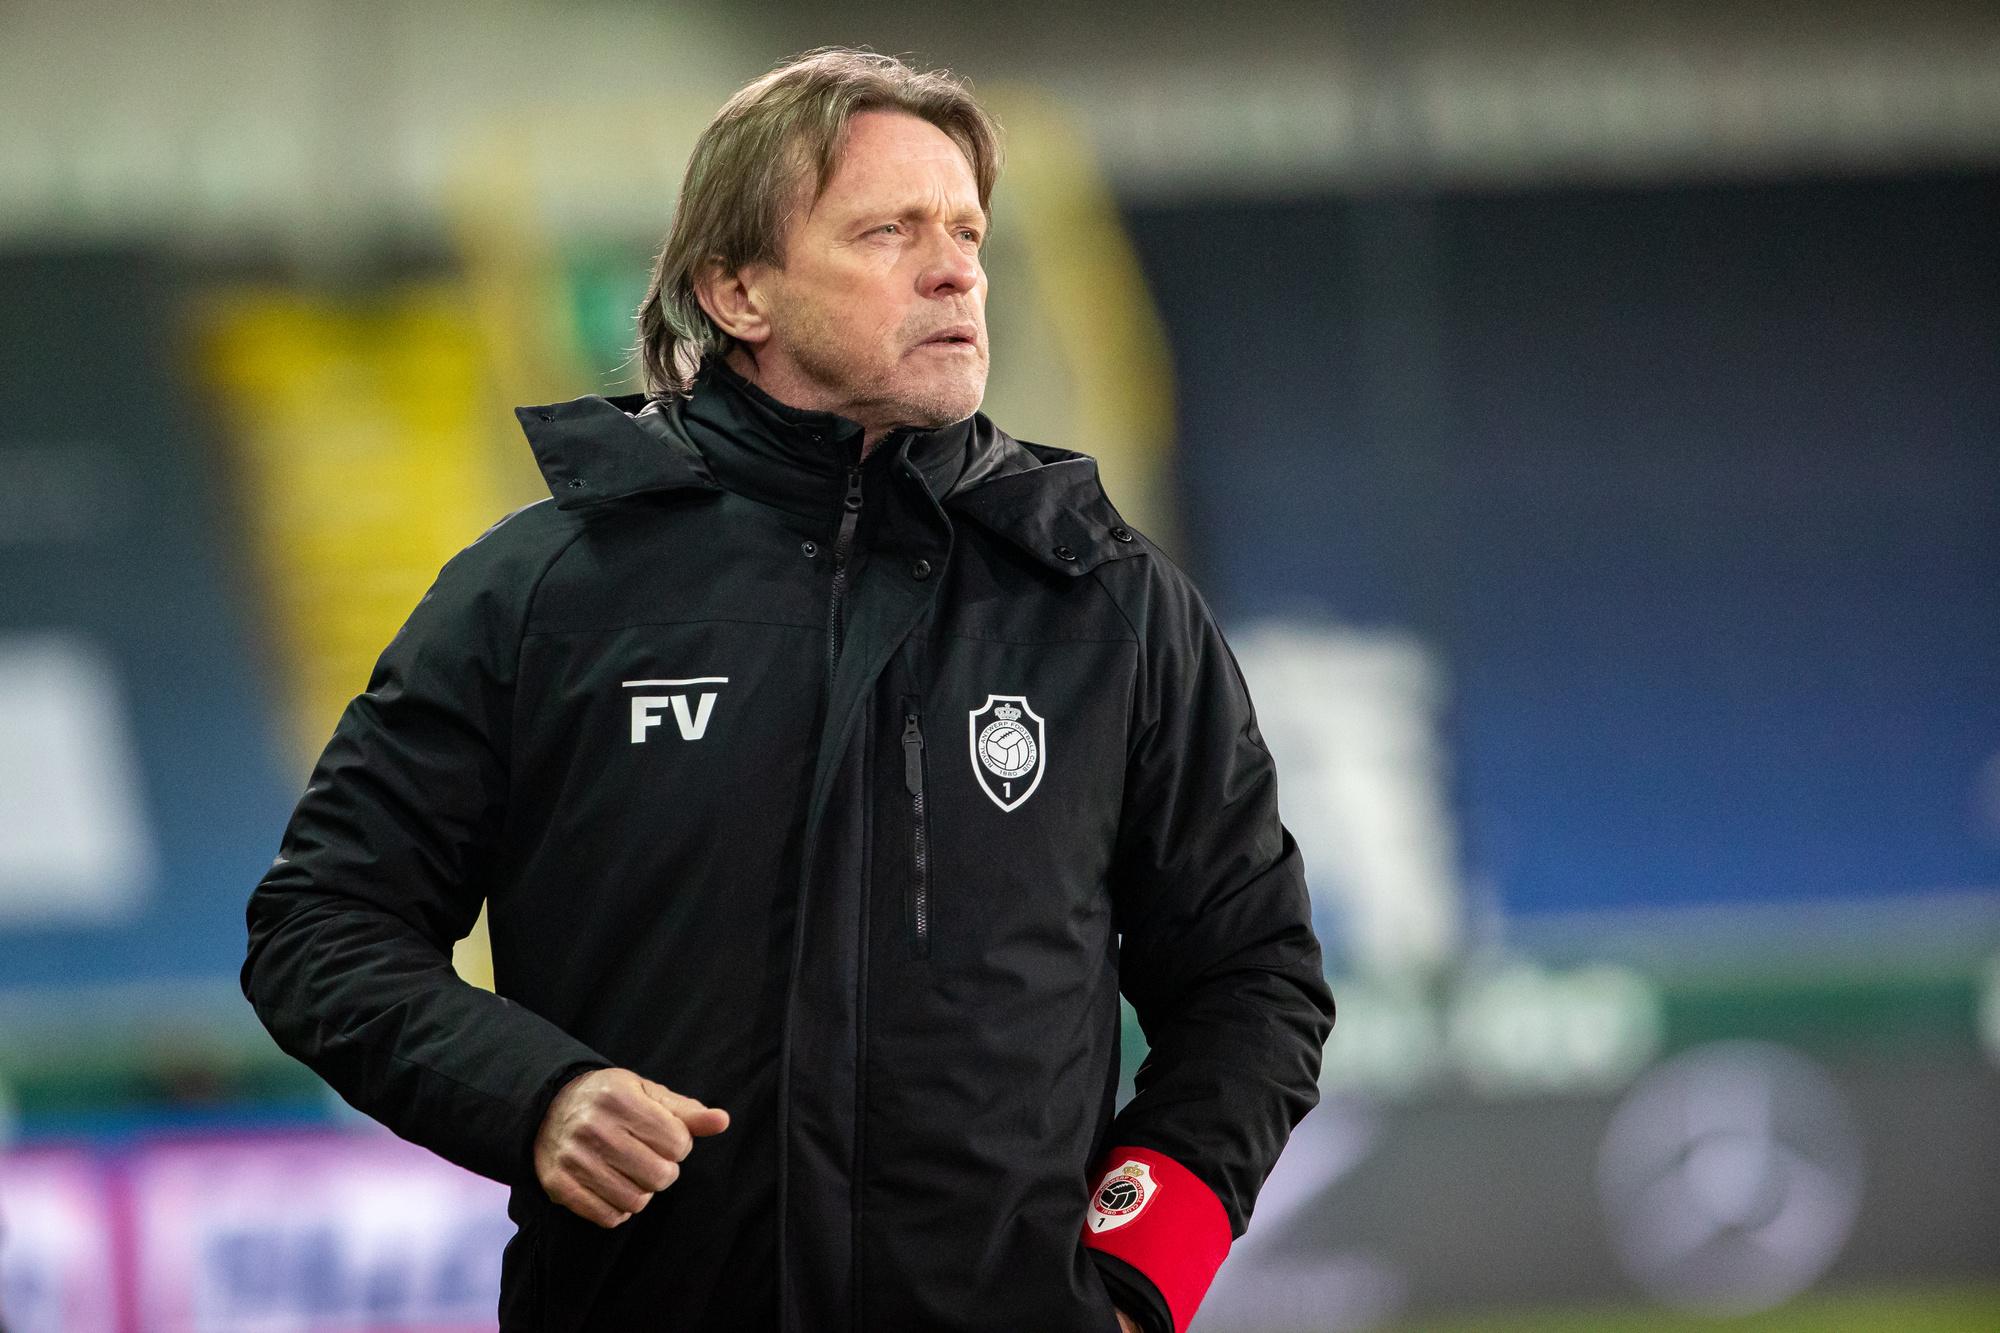 Franky Vercauteren., belga